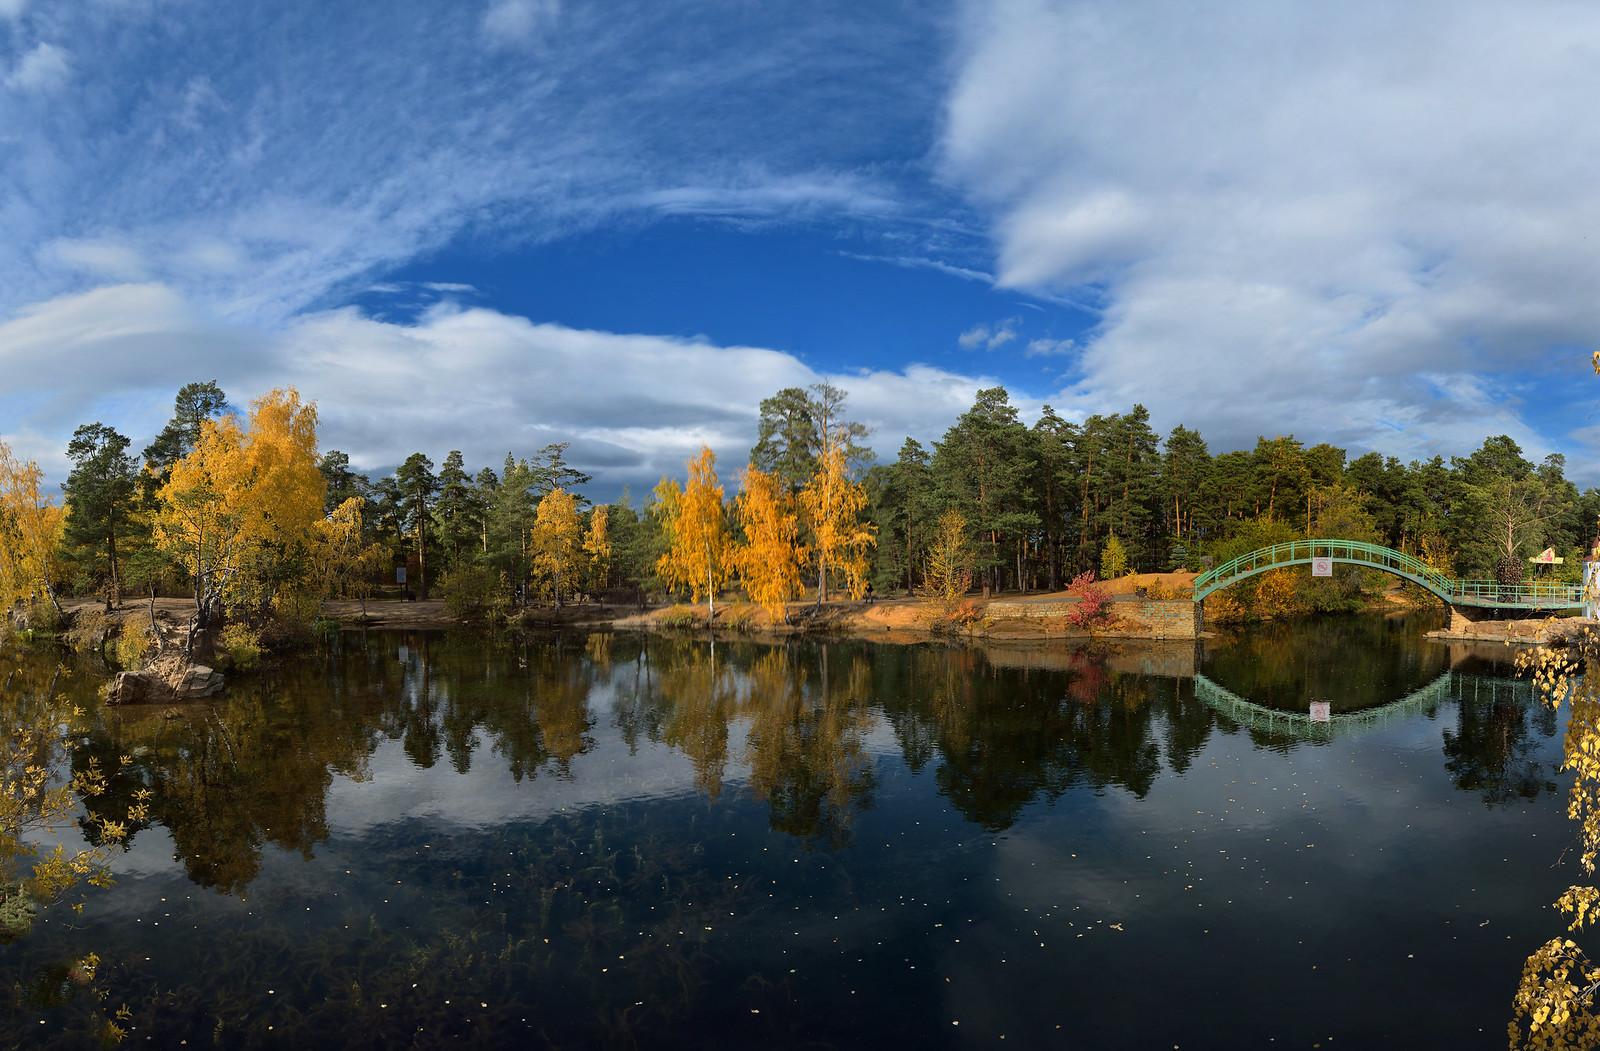 Челябинск 03.10.2019 14:27, парк Гагарина - фотограф Челябинск